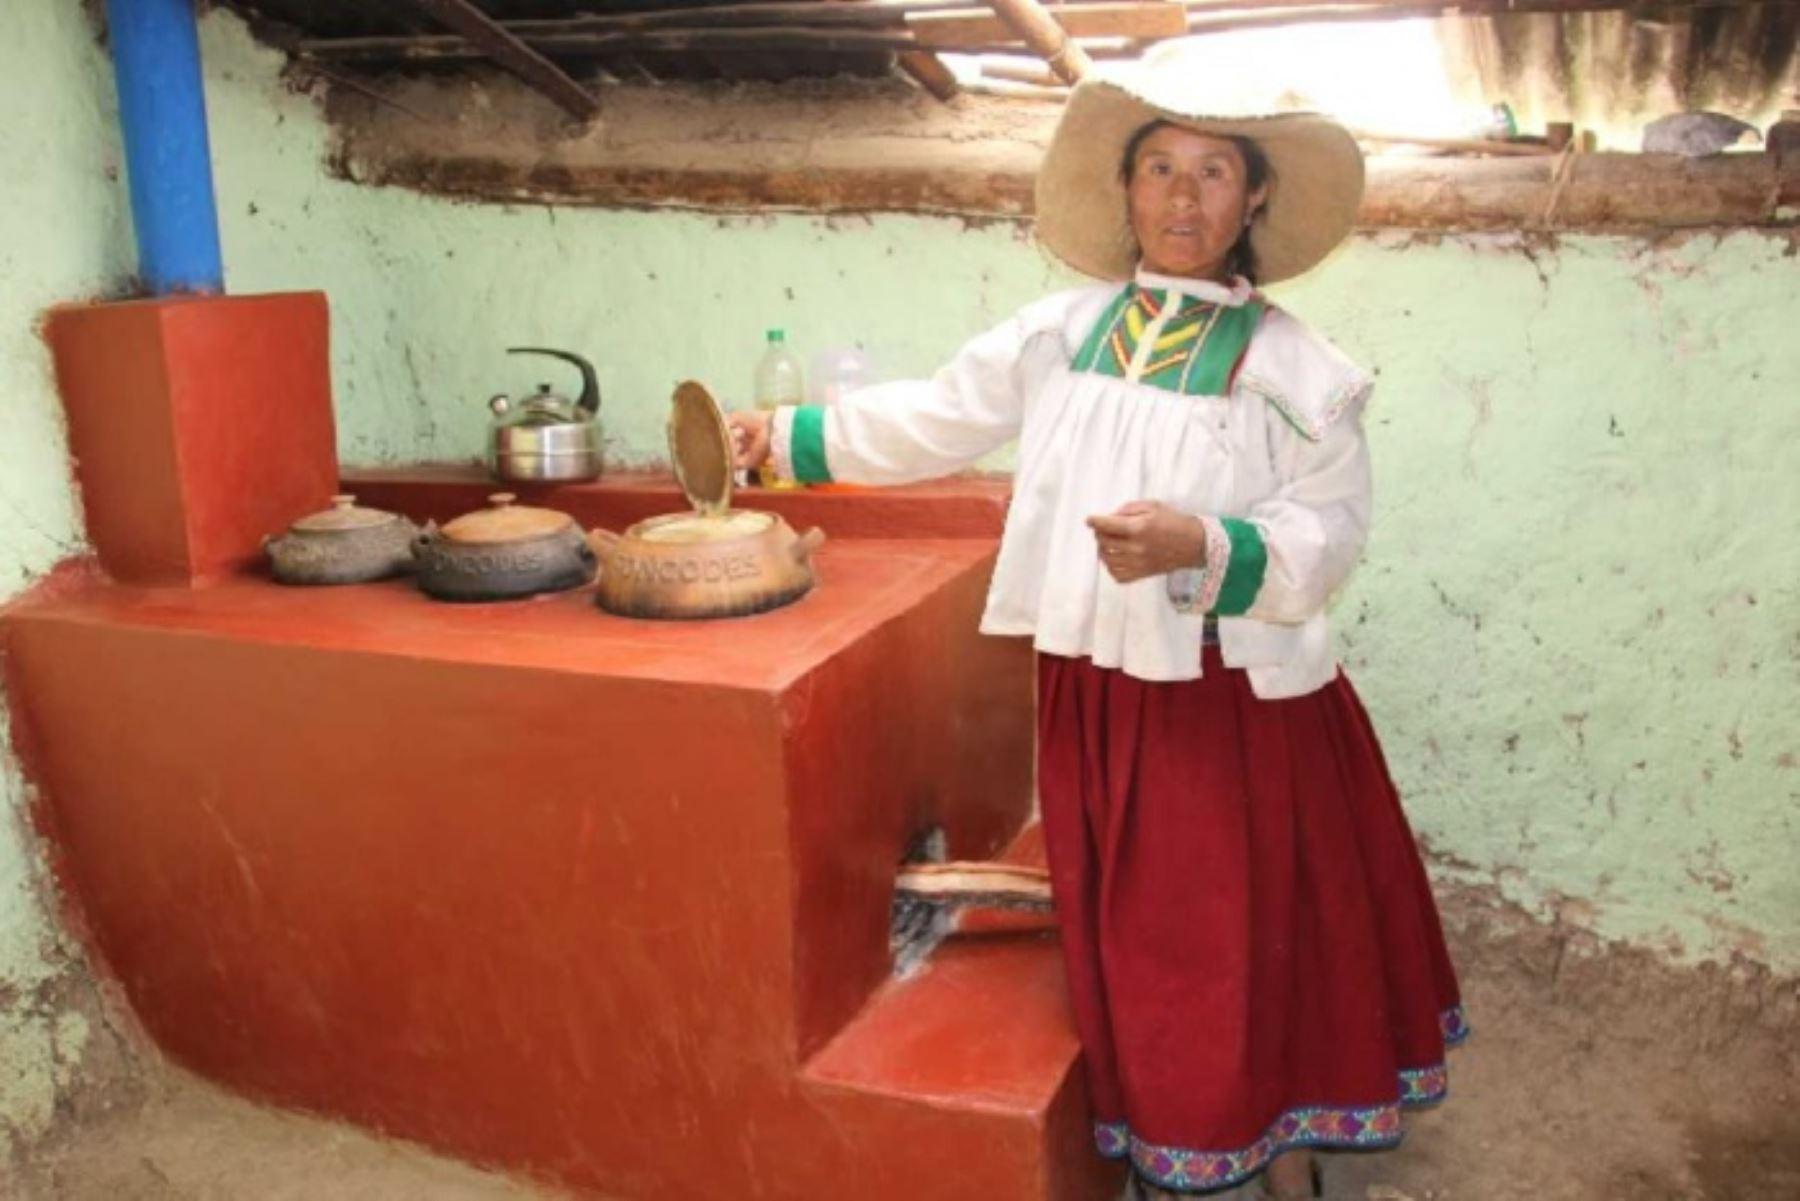 En las viviendas de las familias usuarias del proyecto Haku Wiñay/Noa Jayatai, en  la Sierra y Selva, respectivamente, se han instalado 167,974 cocinas mejoradas a leña, hecho que redujo el monóxido de carbono (CO) en 2´177,880 toneladas métricas, equivalente al 17% de emisiones.